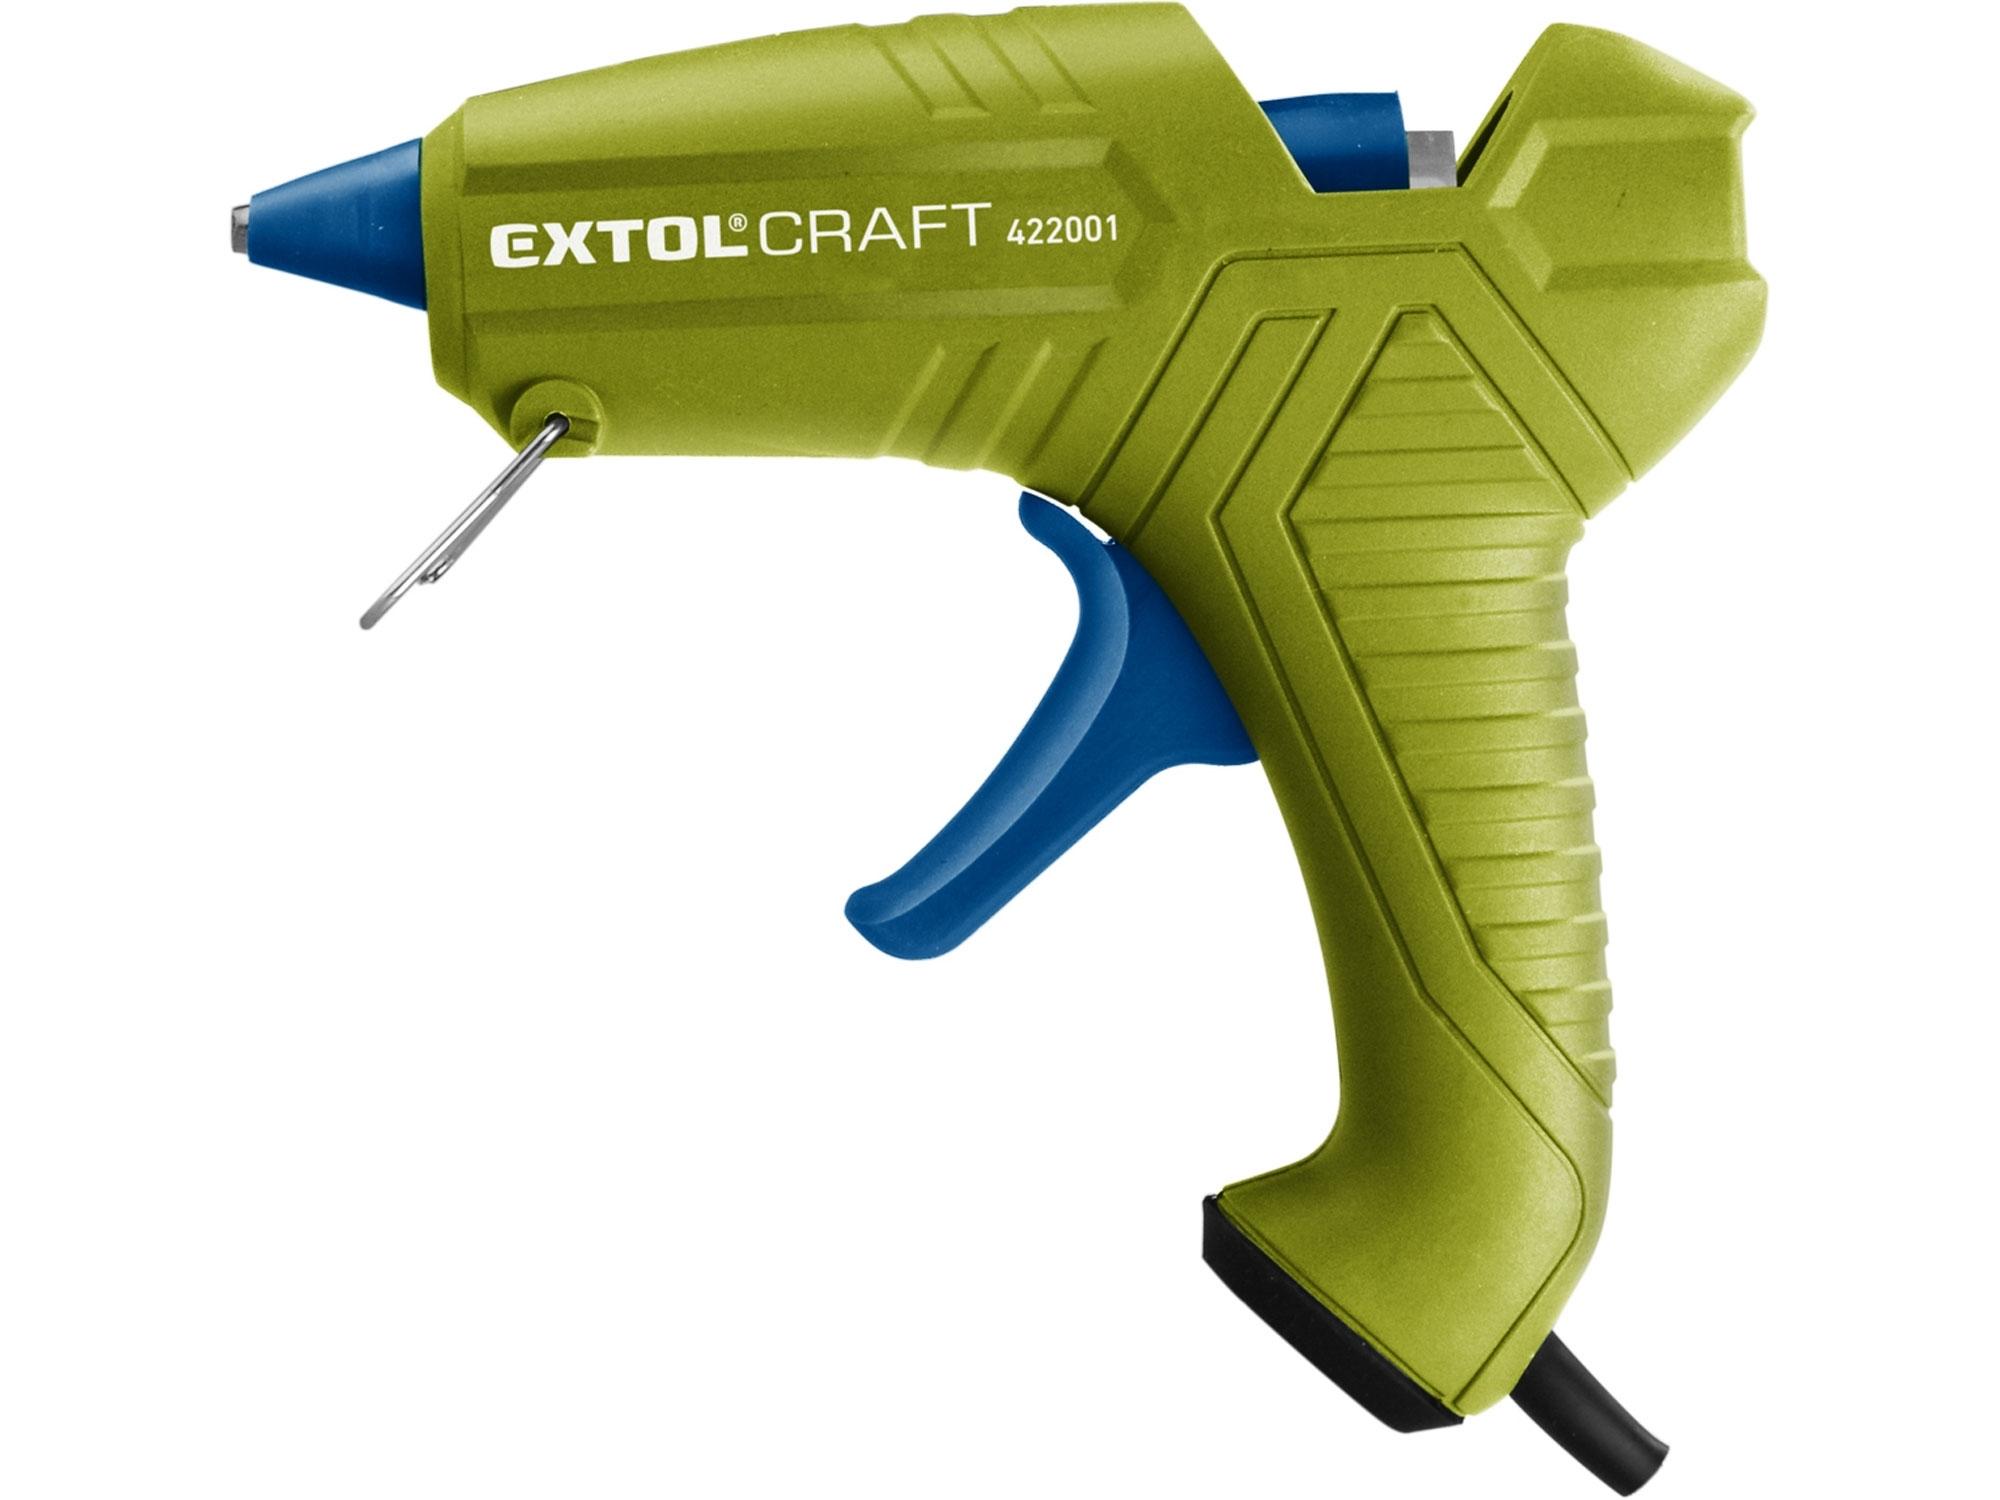 pistole tavná lepící, ?11mm, 40W, EXTOL CRAFT, 422001 422001